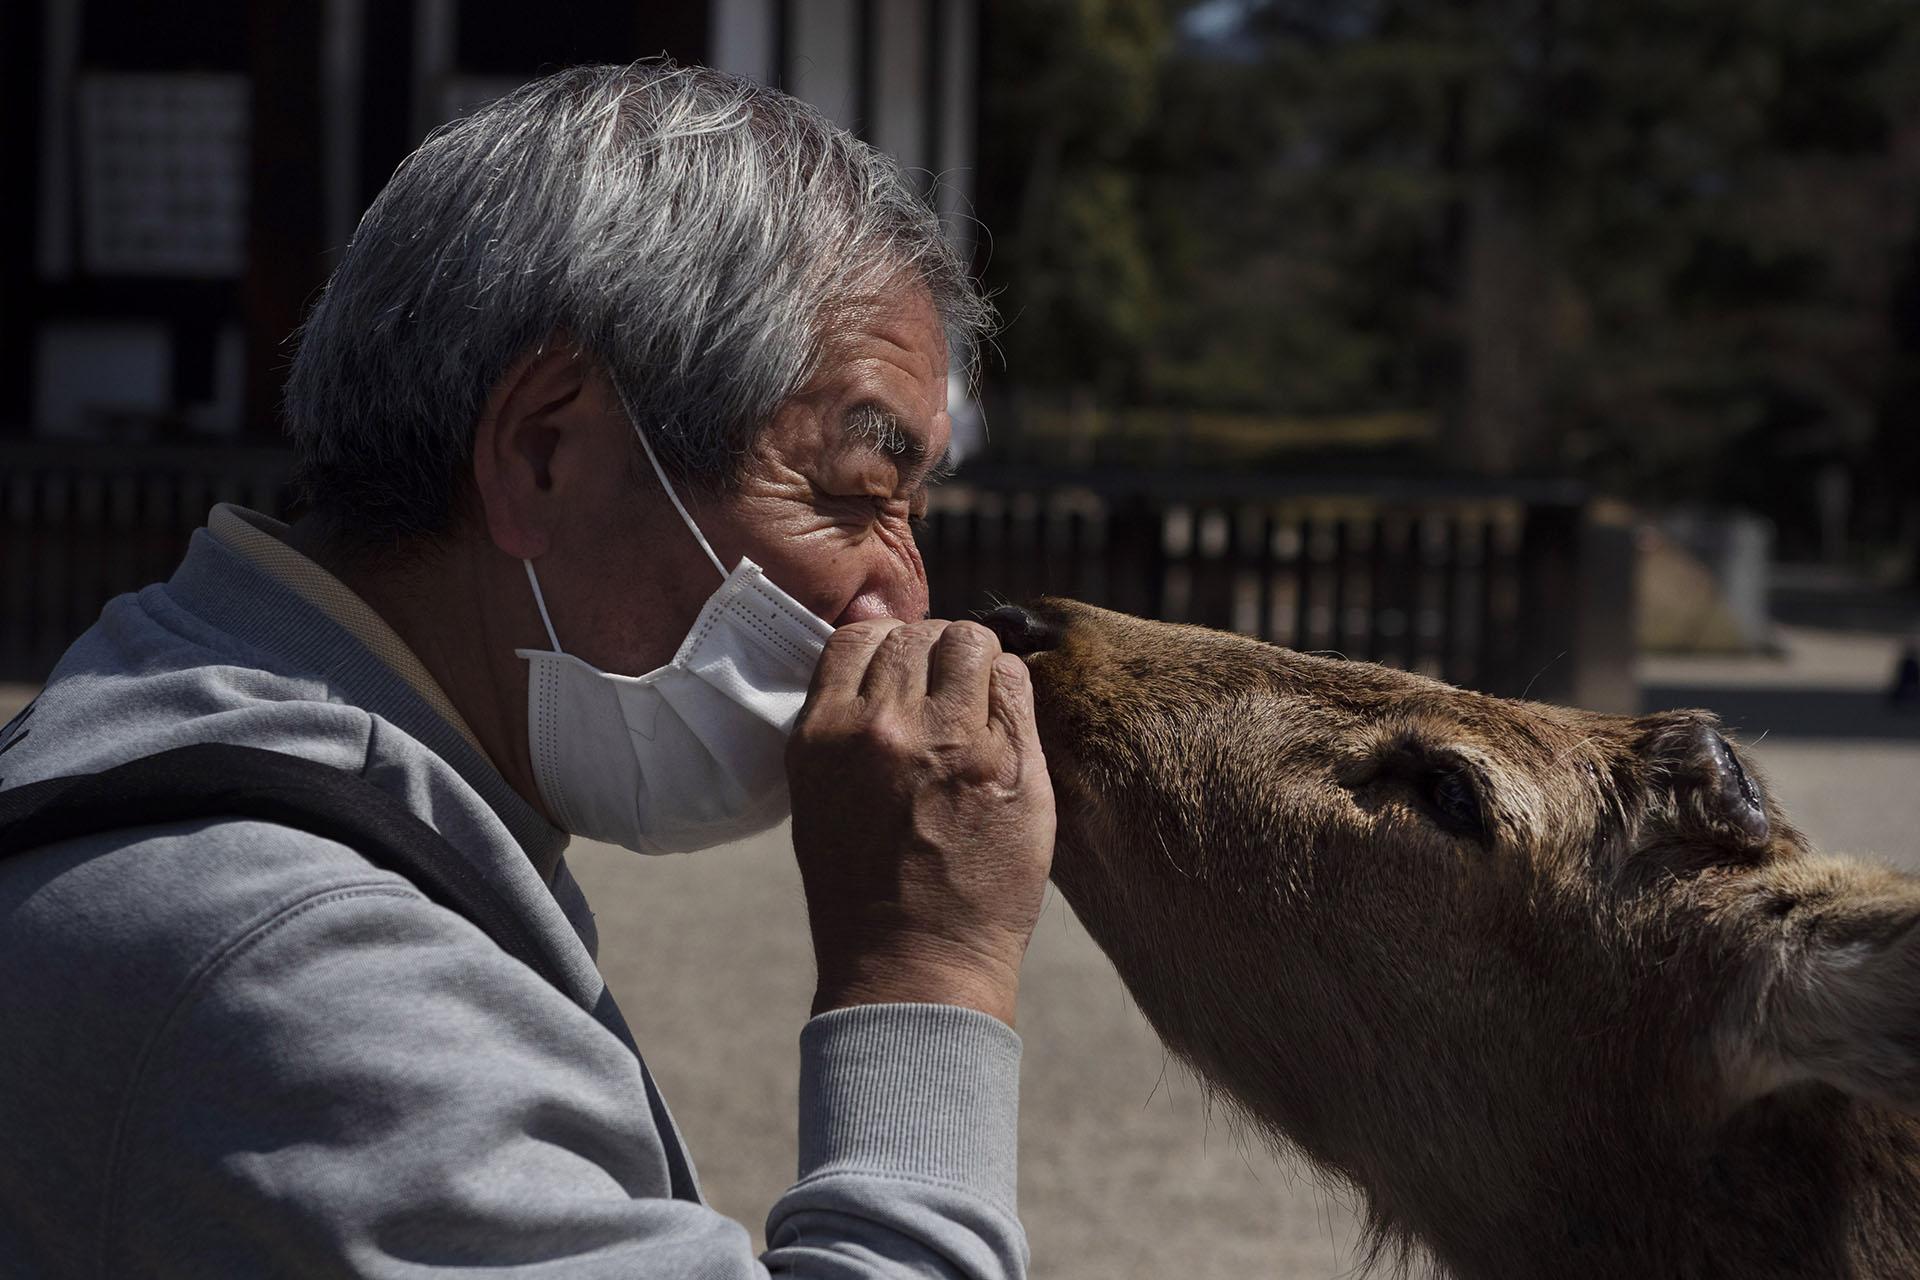 Un turista alimenta a unas queridas galletas de venado especialmente hechas mientras visita un templo en Nara, Japón (Foto AP / Jae C. Hong)